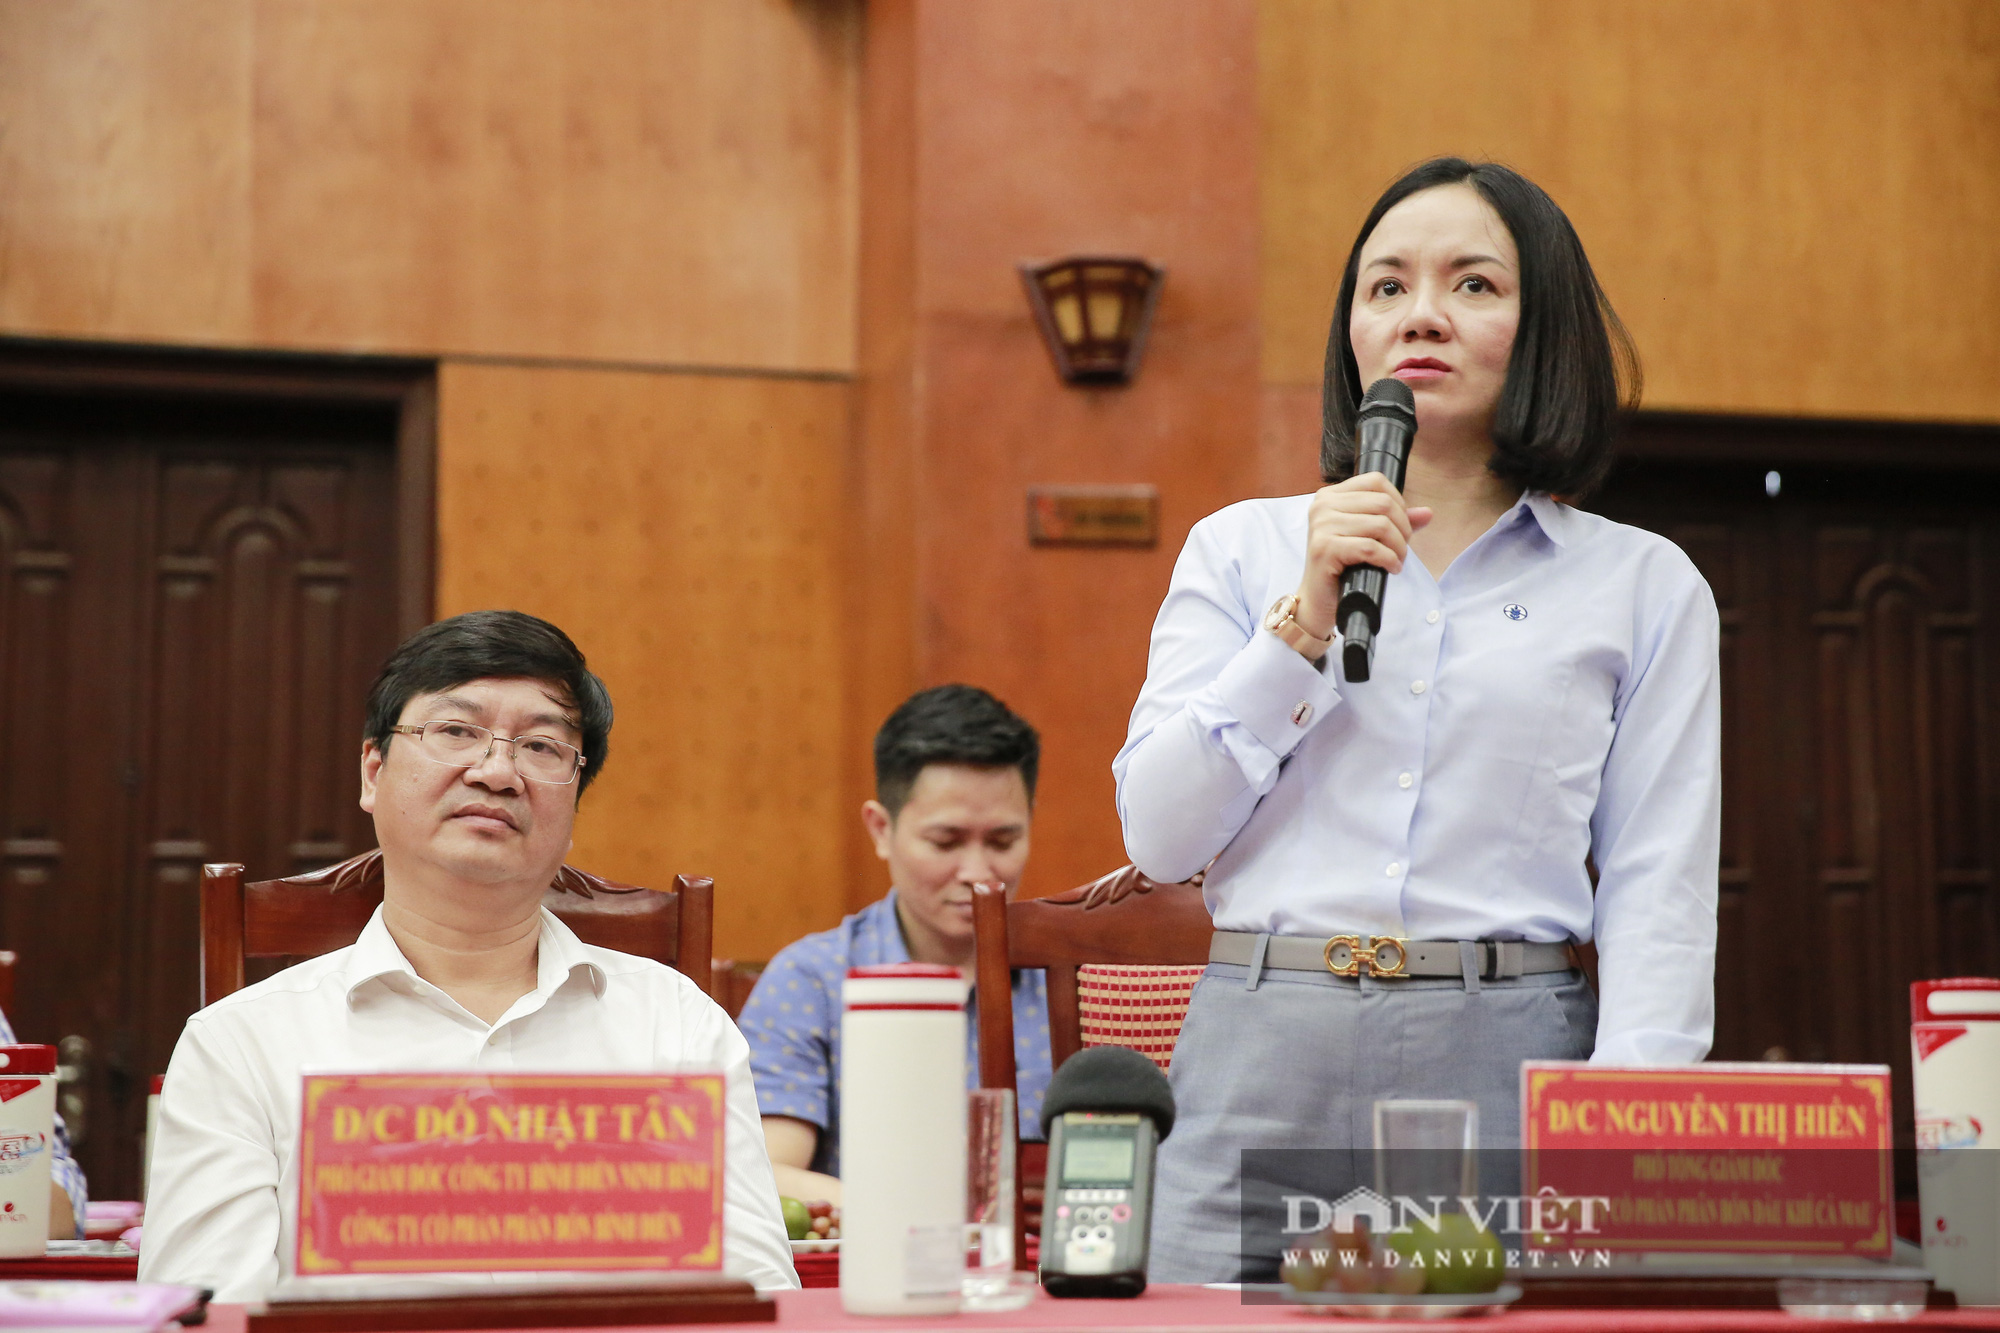 Toàn cảnh Họp báo kỷ niệm 90 năm Ngày thành lập Hội Nông dân Việt Nam - Ảnh 11.